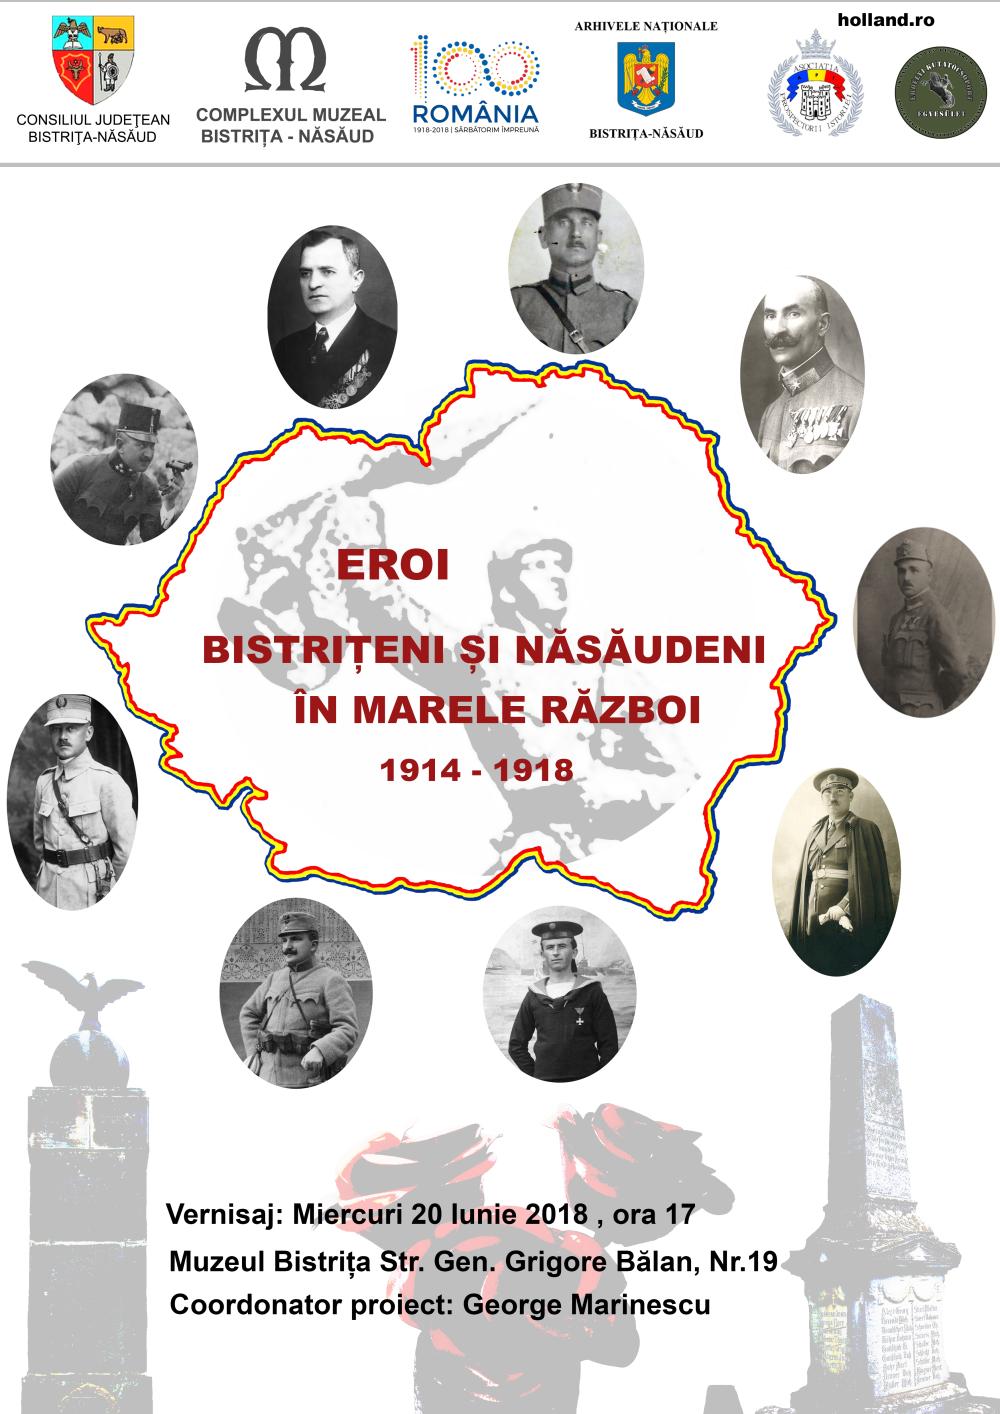 Eroi bistriţeni şi năsăudeni în Marele Război 1914-1918